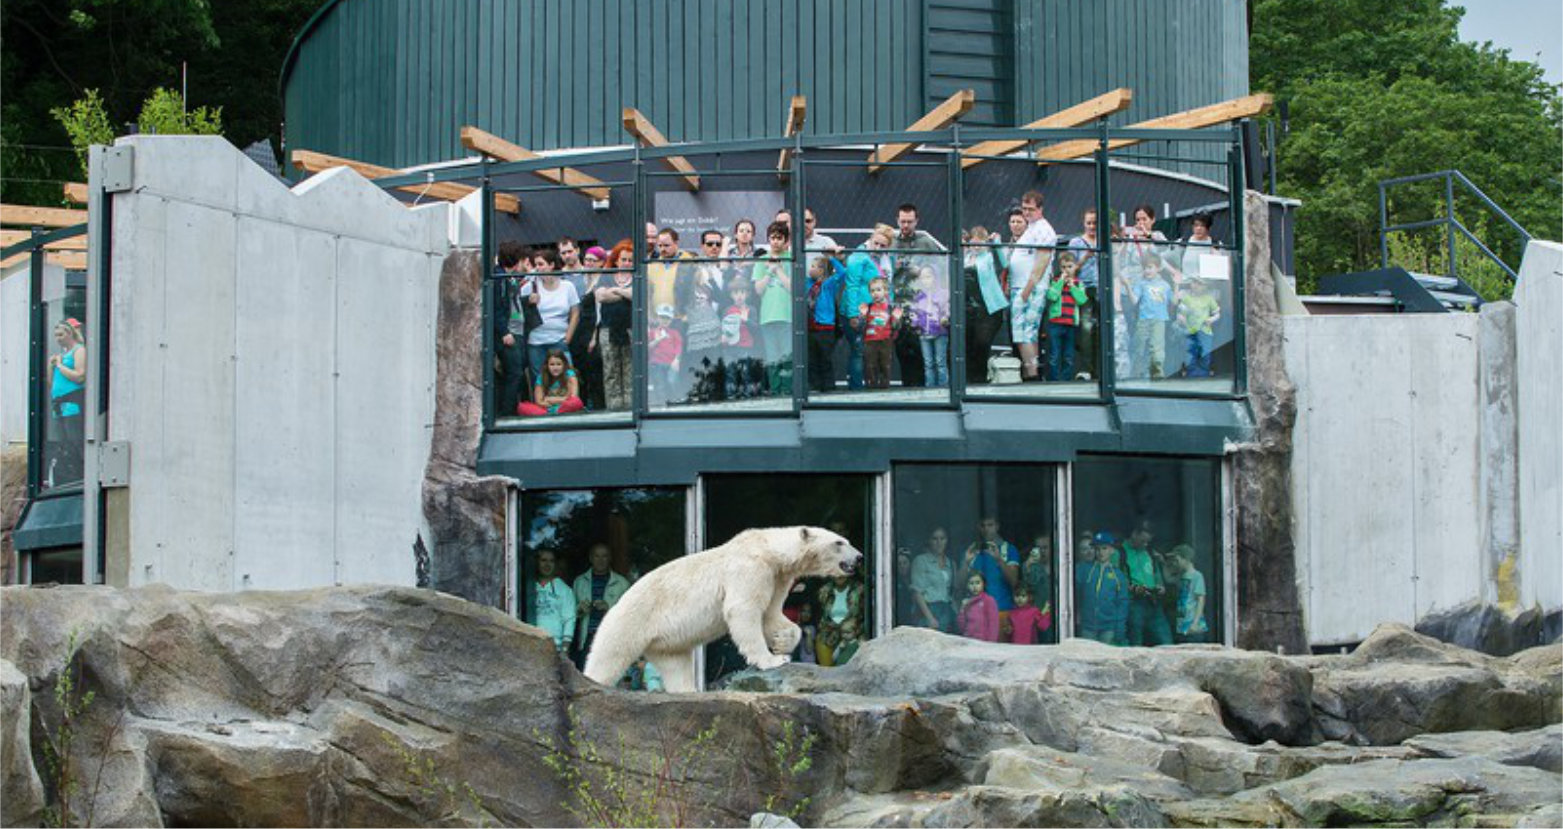 Eisbärengehege